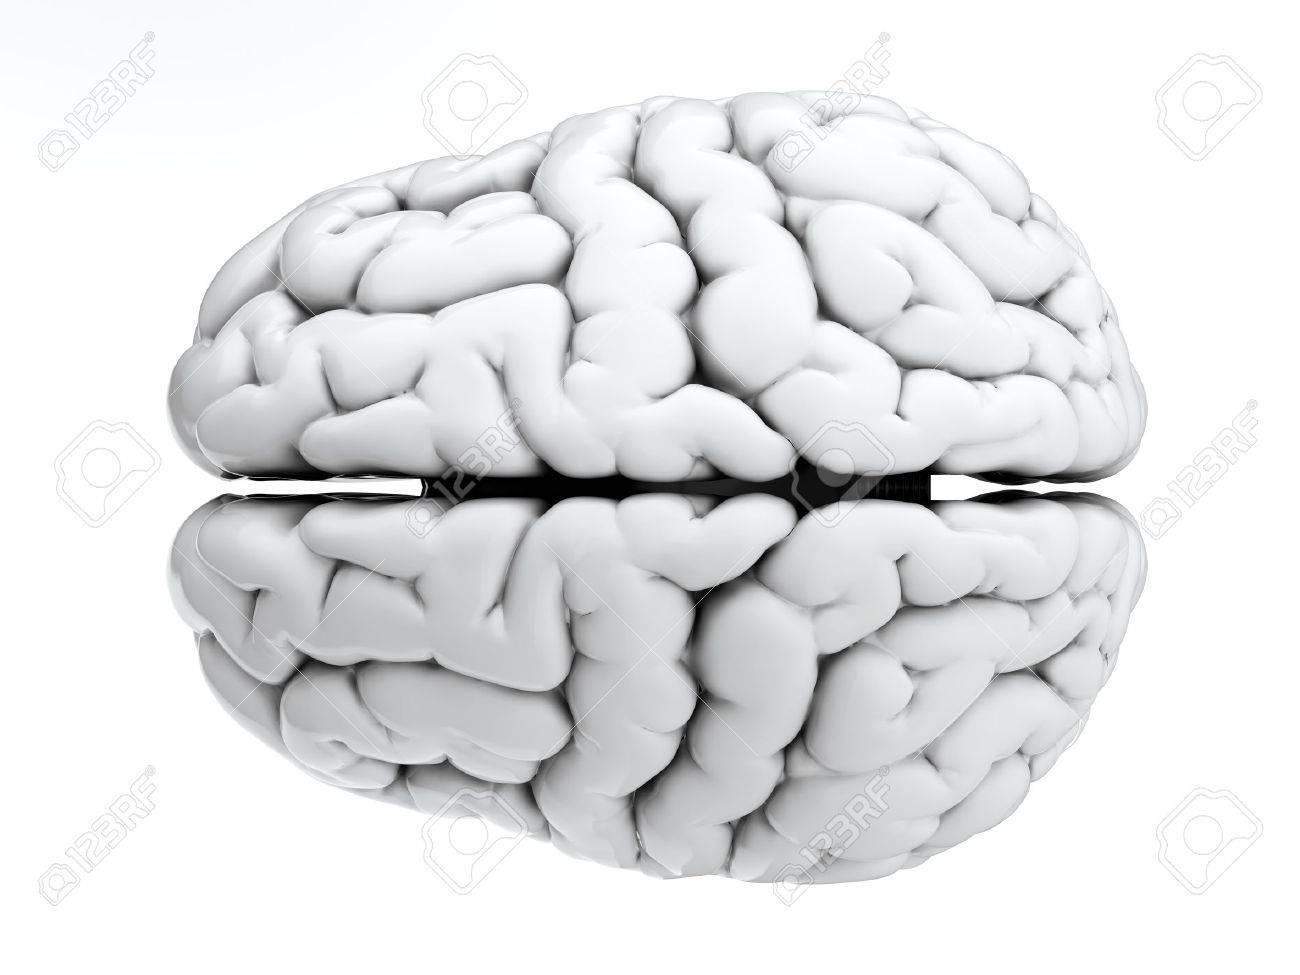 Fein 3 D Anatomie Des Gehirns Galerie - Menschliche Anatomie Bilder ...